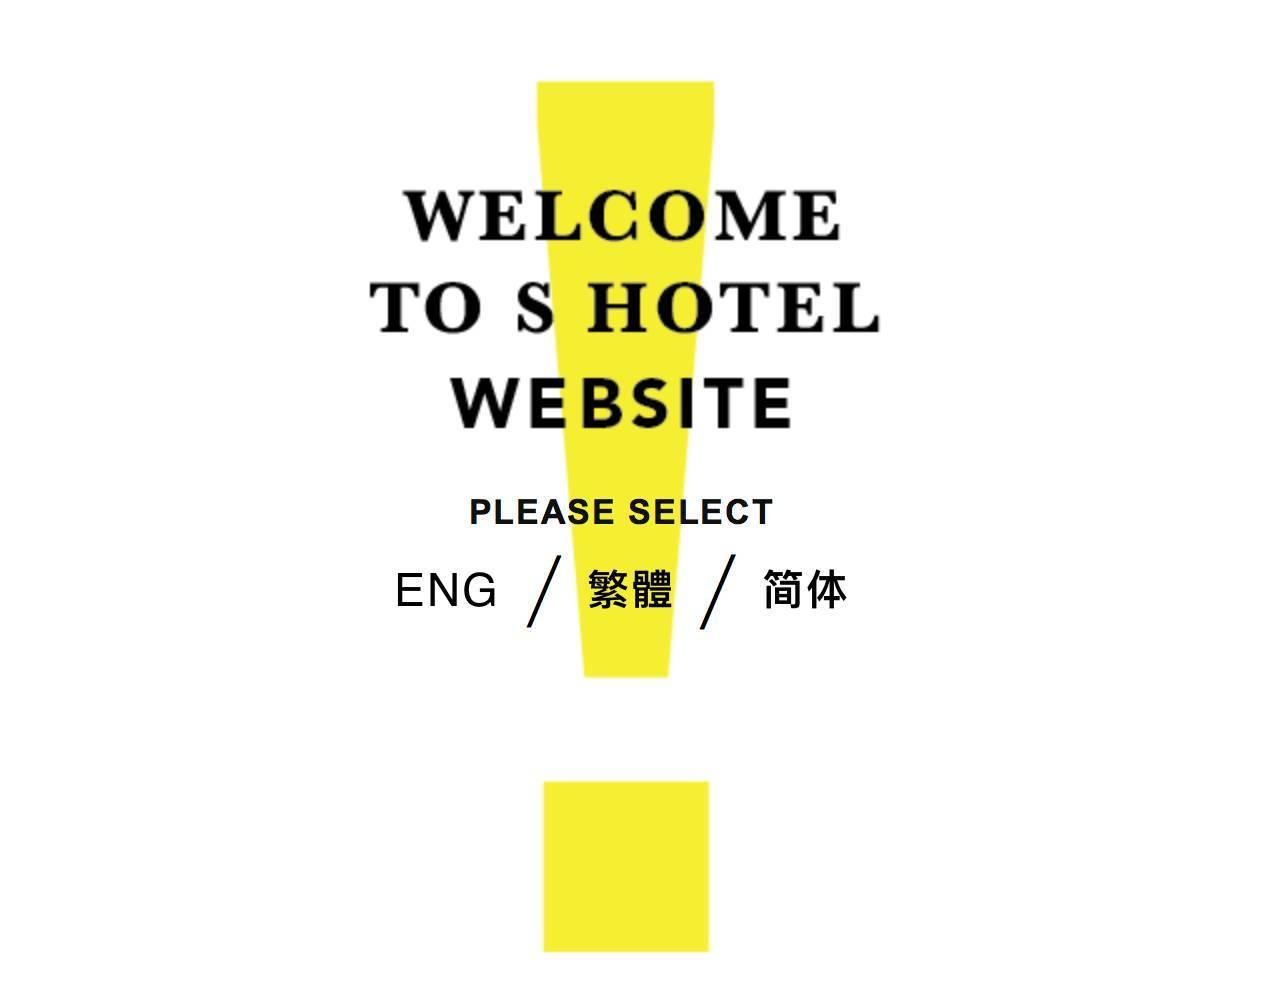 住过这间酒店,我大概懂得了汪小菲对大S的爱